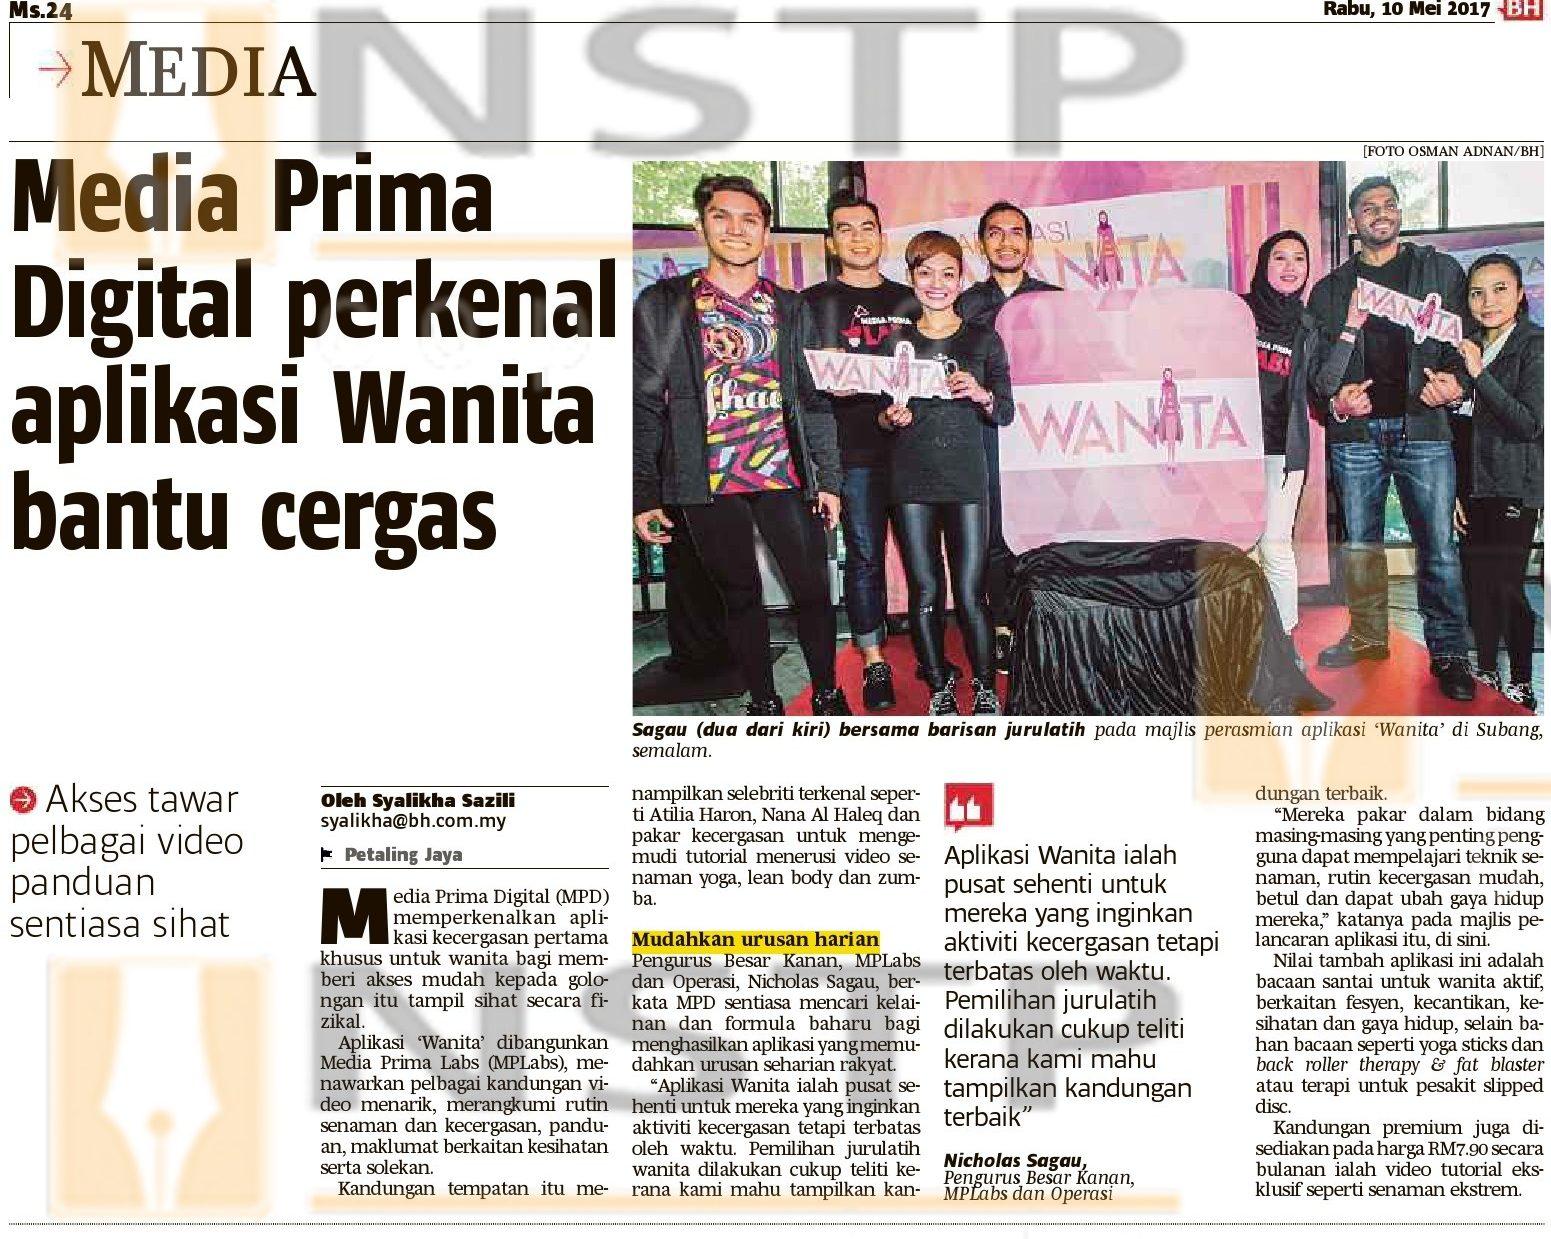 Media Prima Digital perkenal aplikasi Wanita bantu cergas